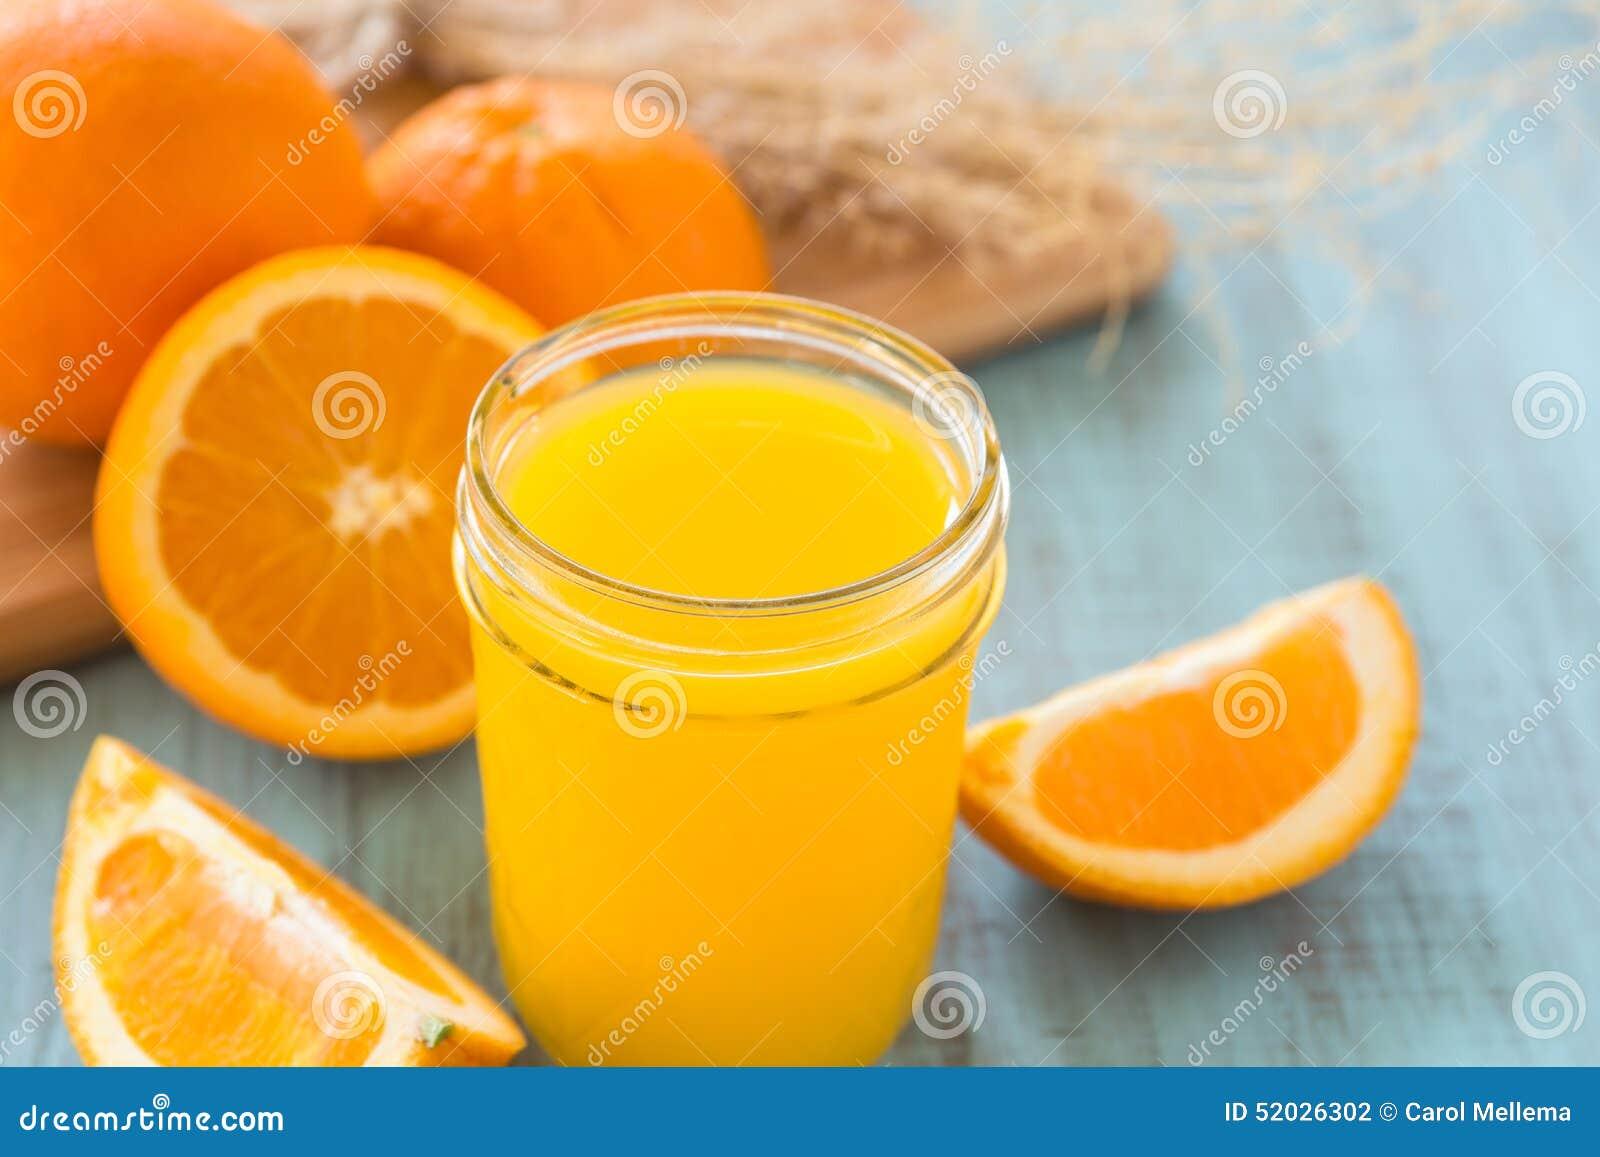 Verre de Juice Breakfast Drink orange frais